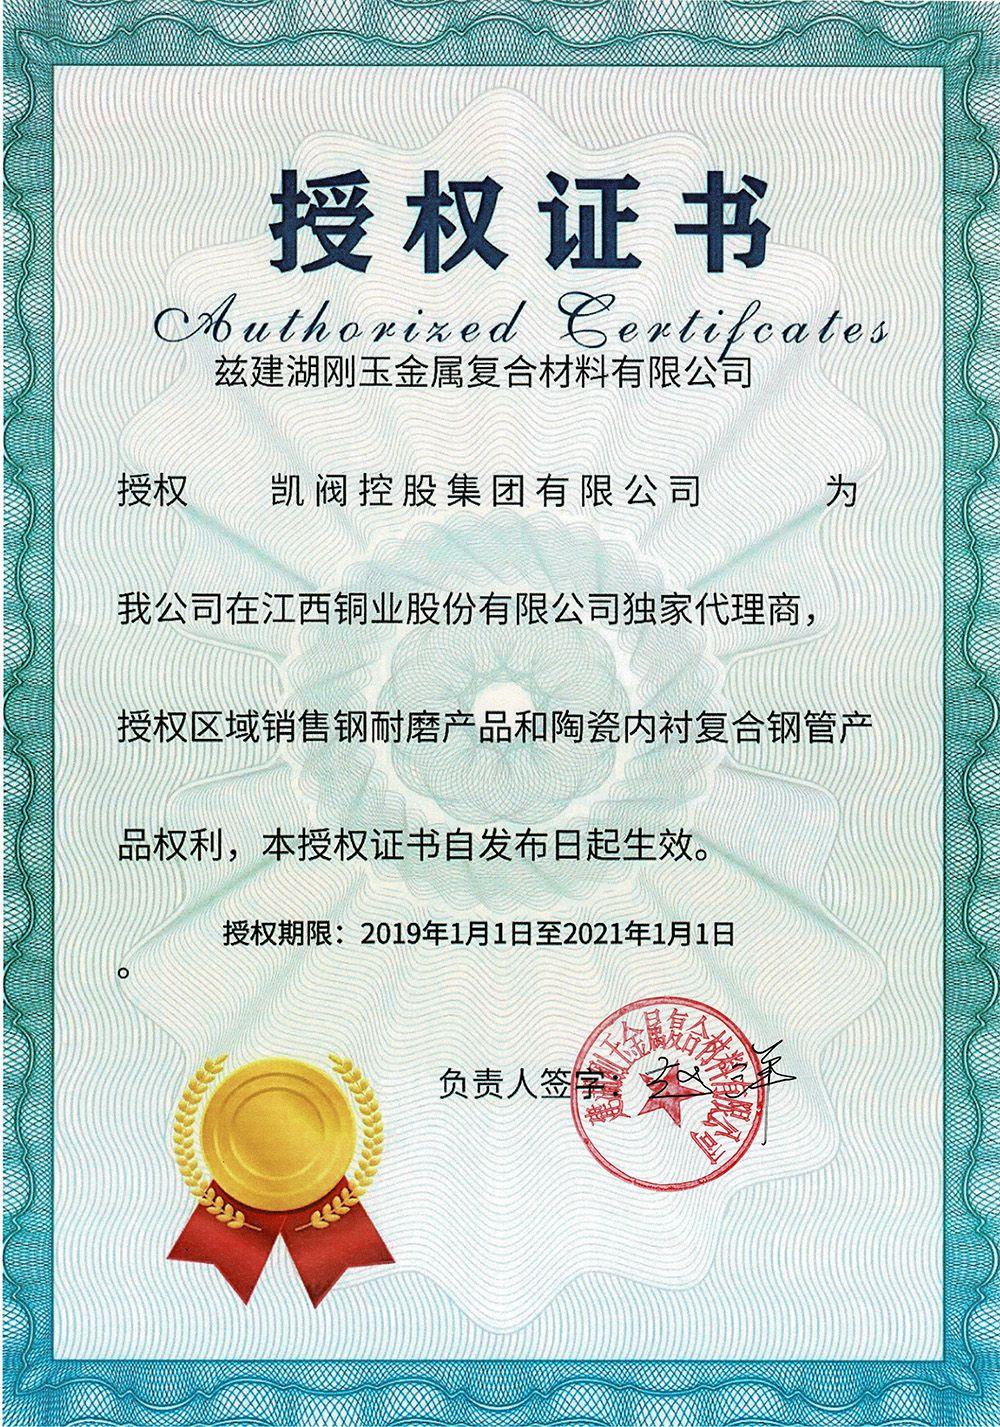 德铜授权证书